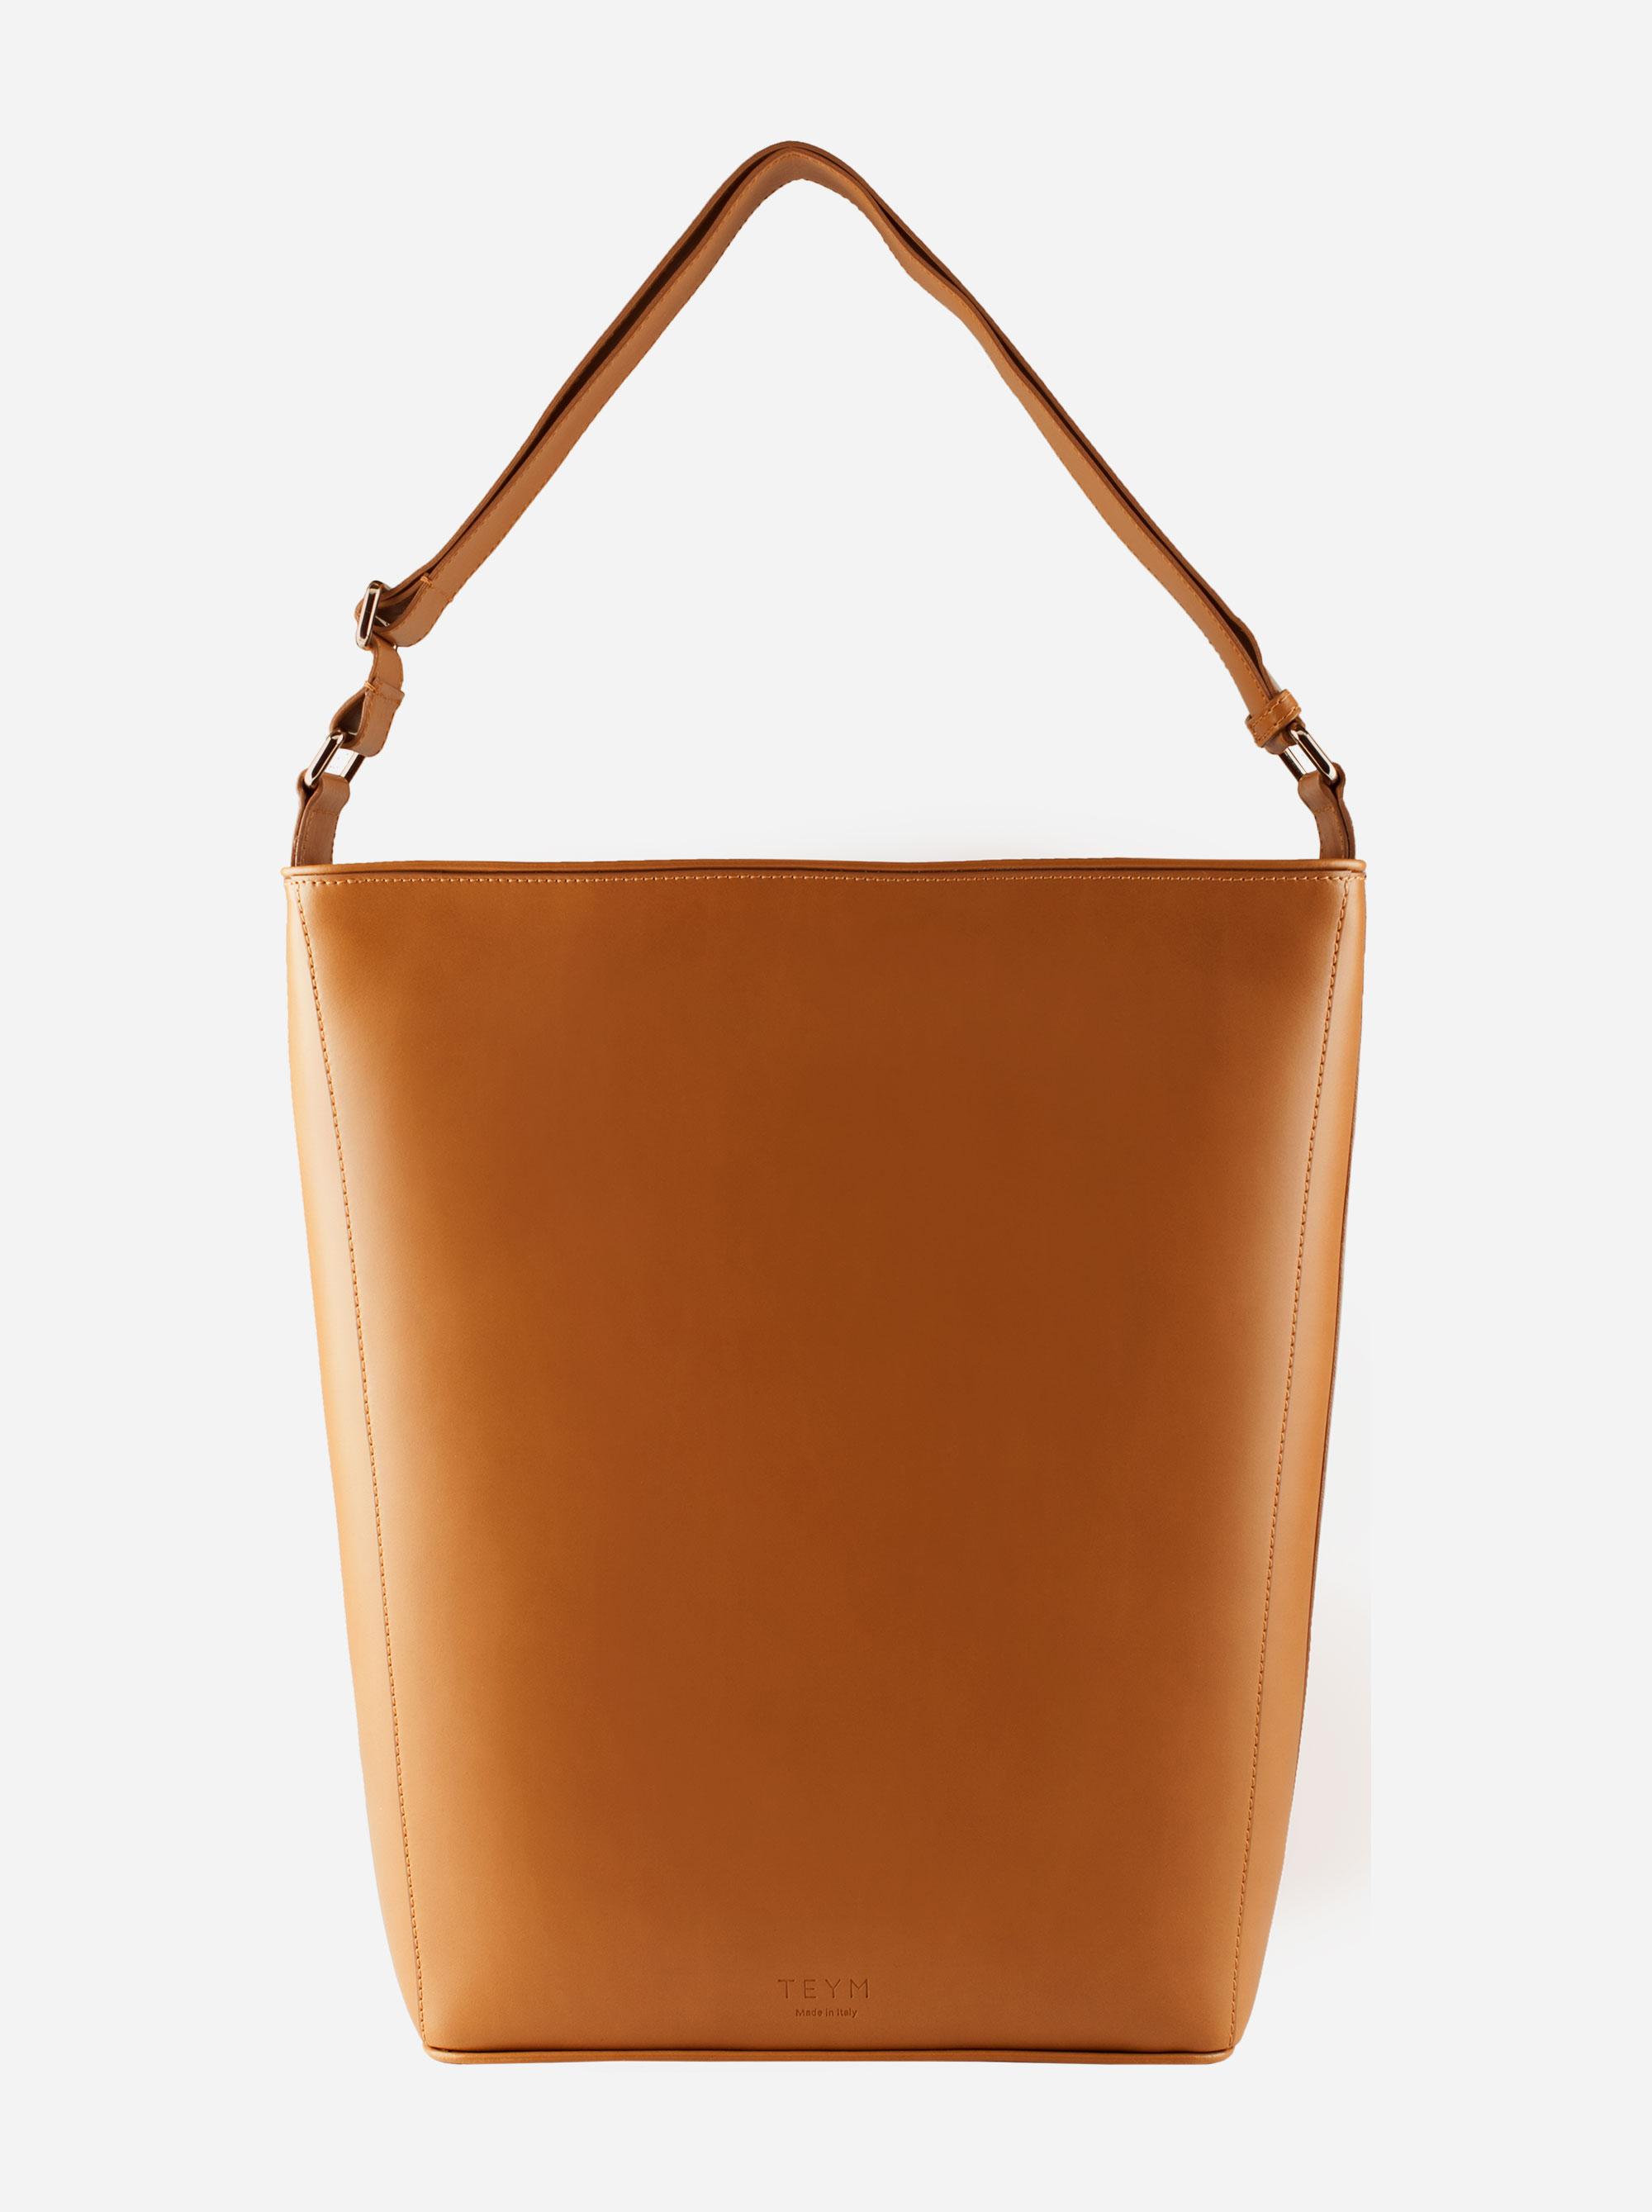 Teym - The Shoulder Bag - Camel - 5